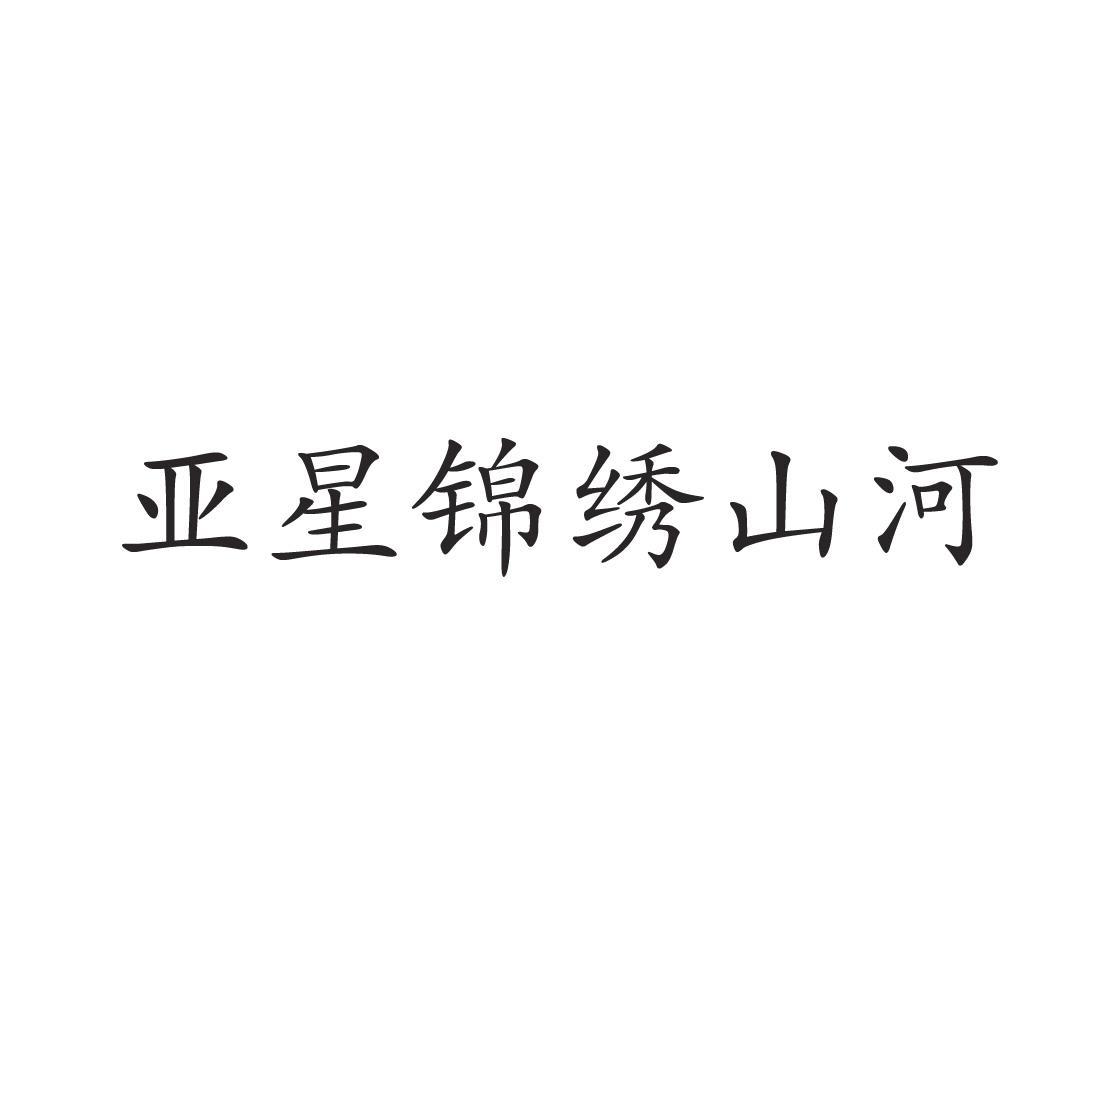 转让商标-亚星锦绣山河